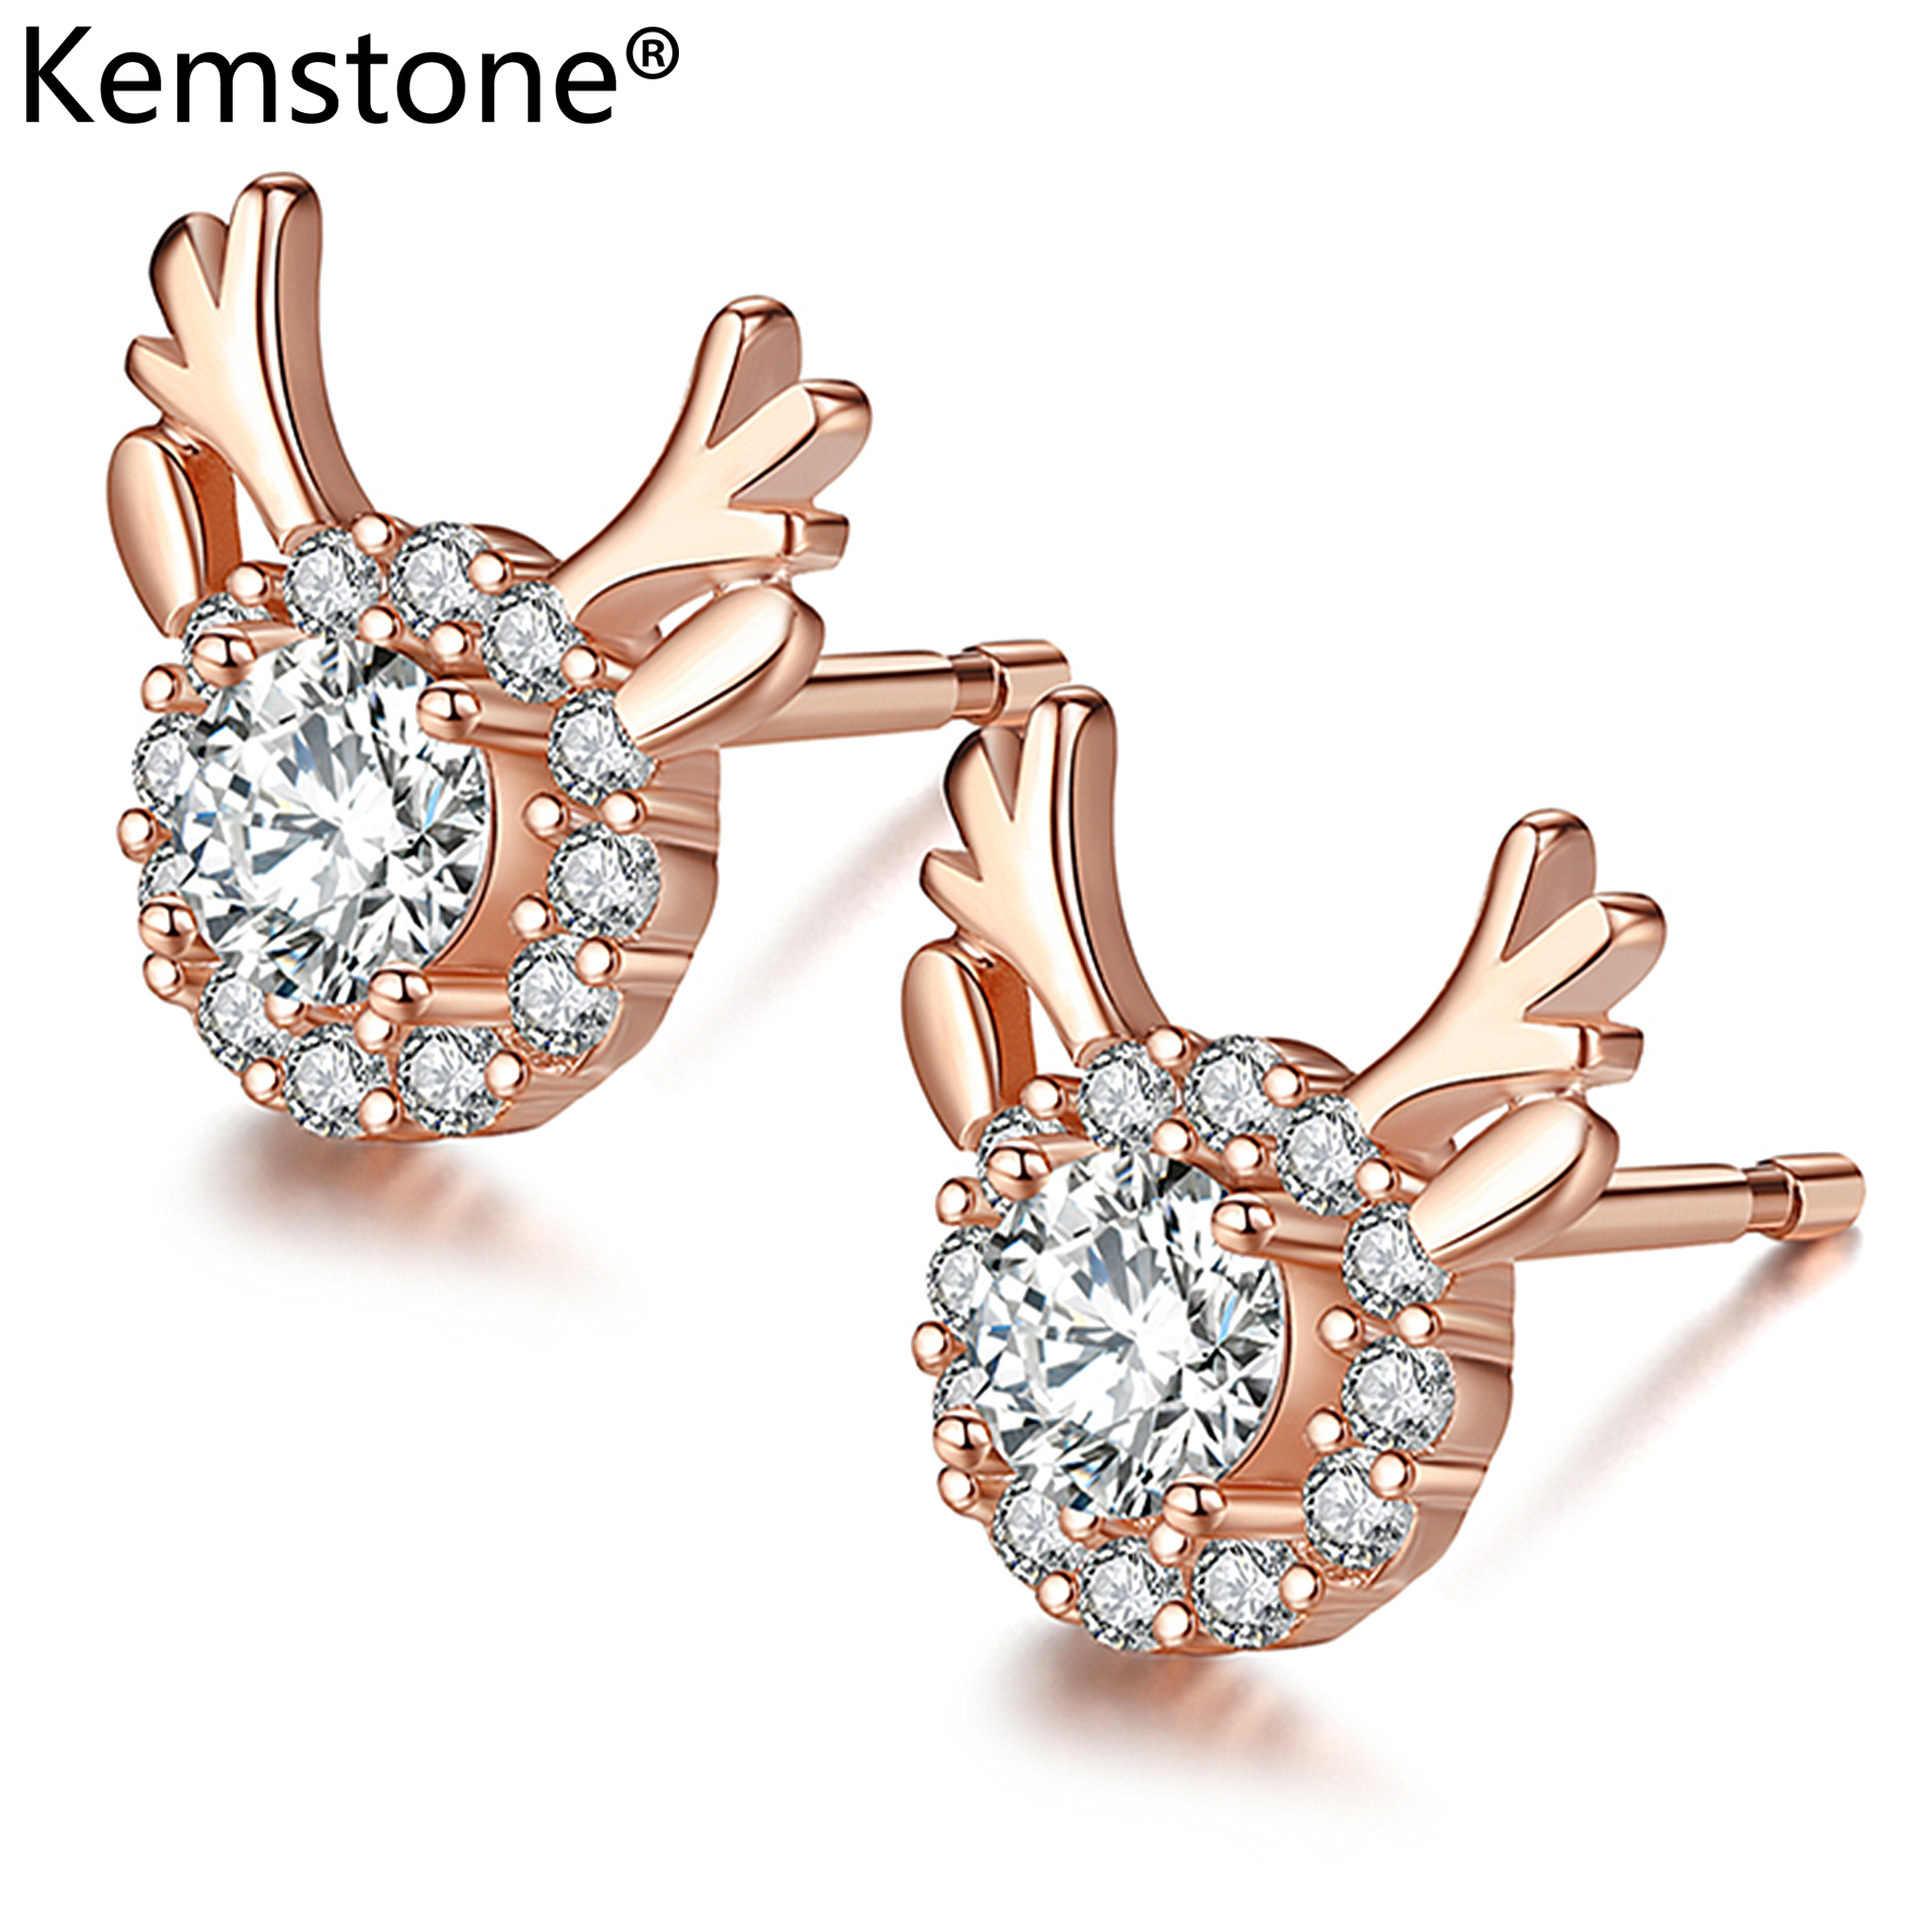 Kemstone ホット販売ジュエリーヒョウヘッドキツネ蜂スタッドピアス AAA Cz クリスタルイヤリング女性のギフト